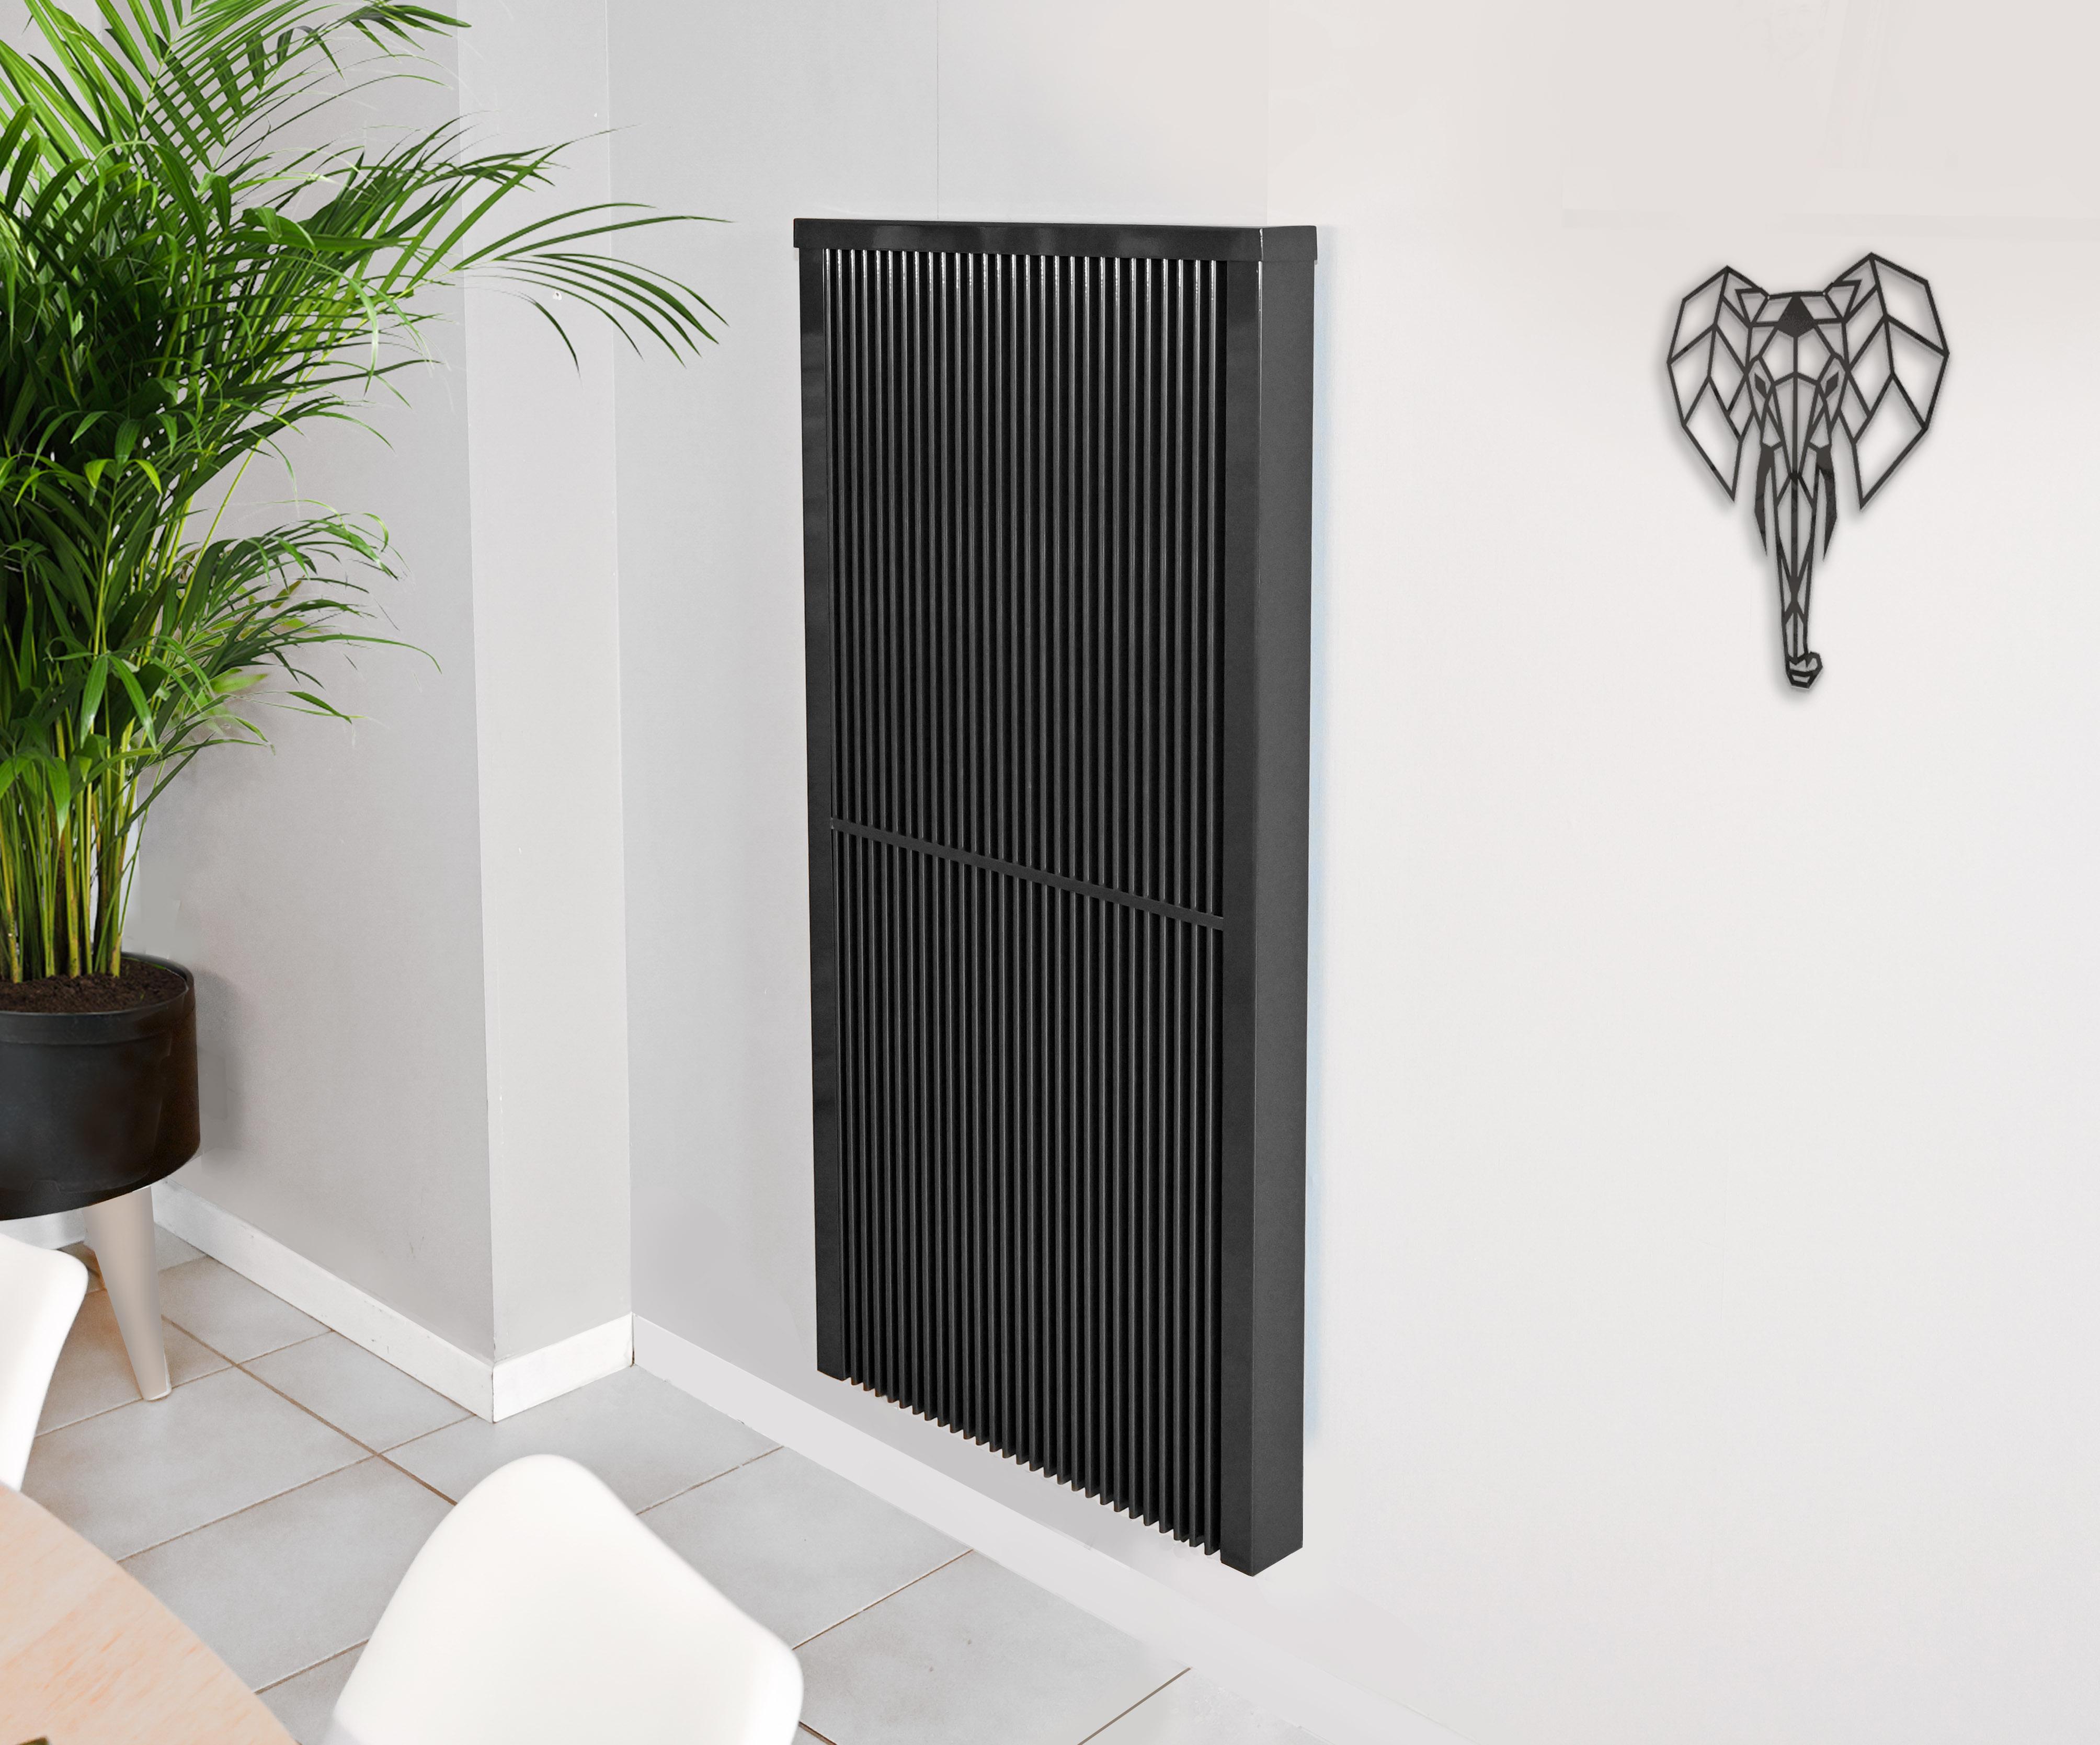 Accumo radiator 120 cm lang korter